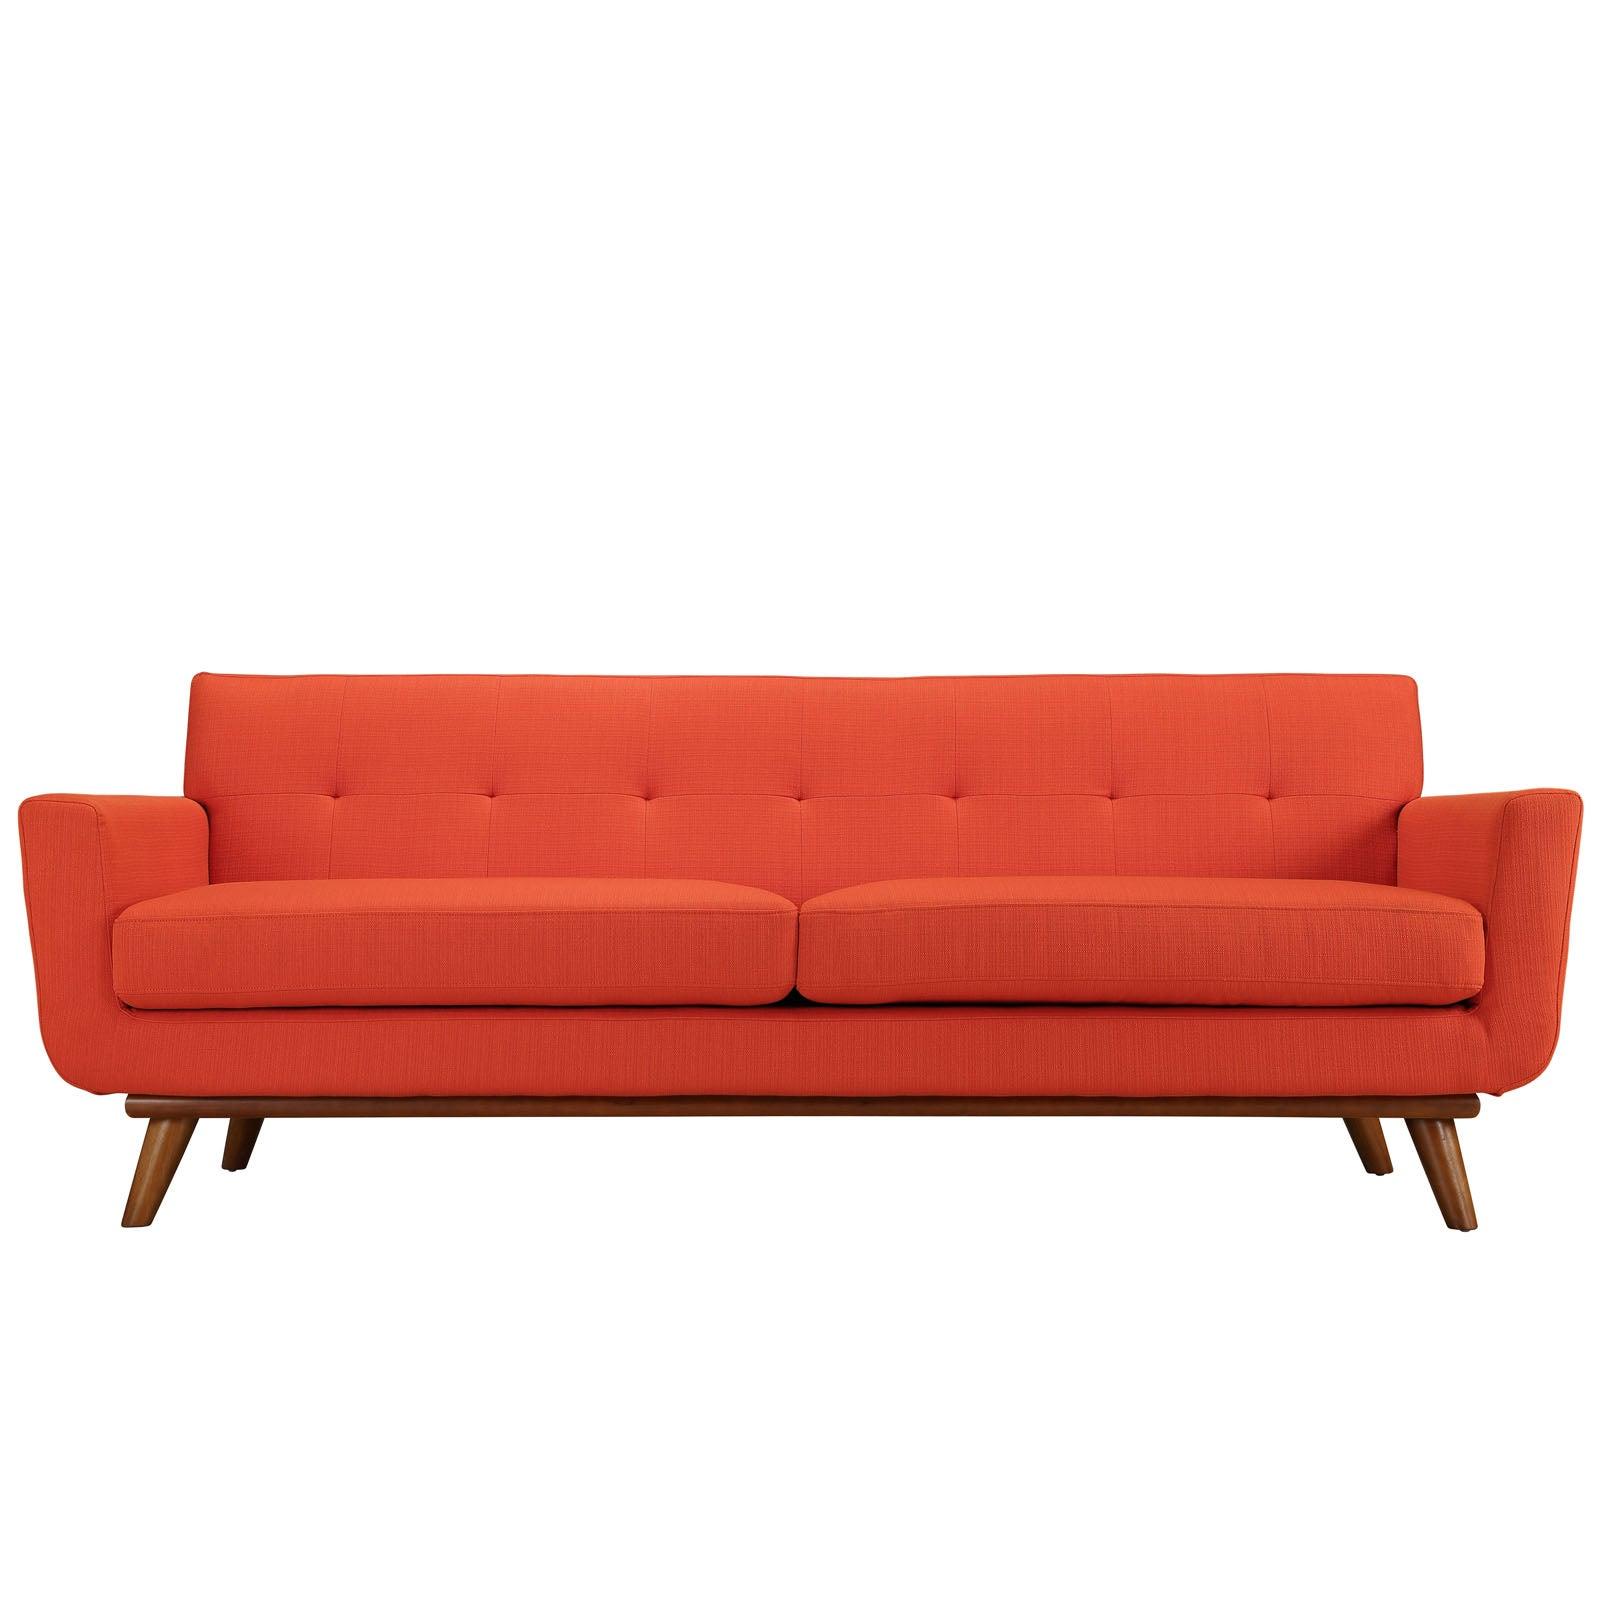 02- tufted sofa